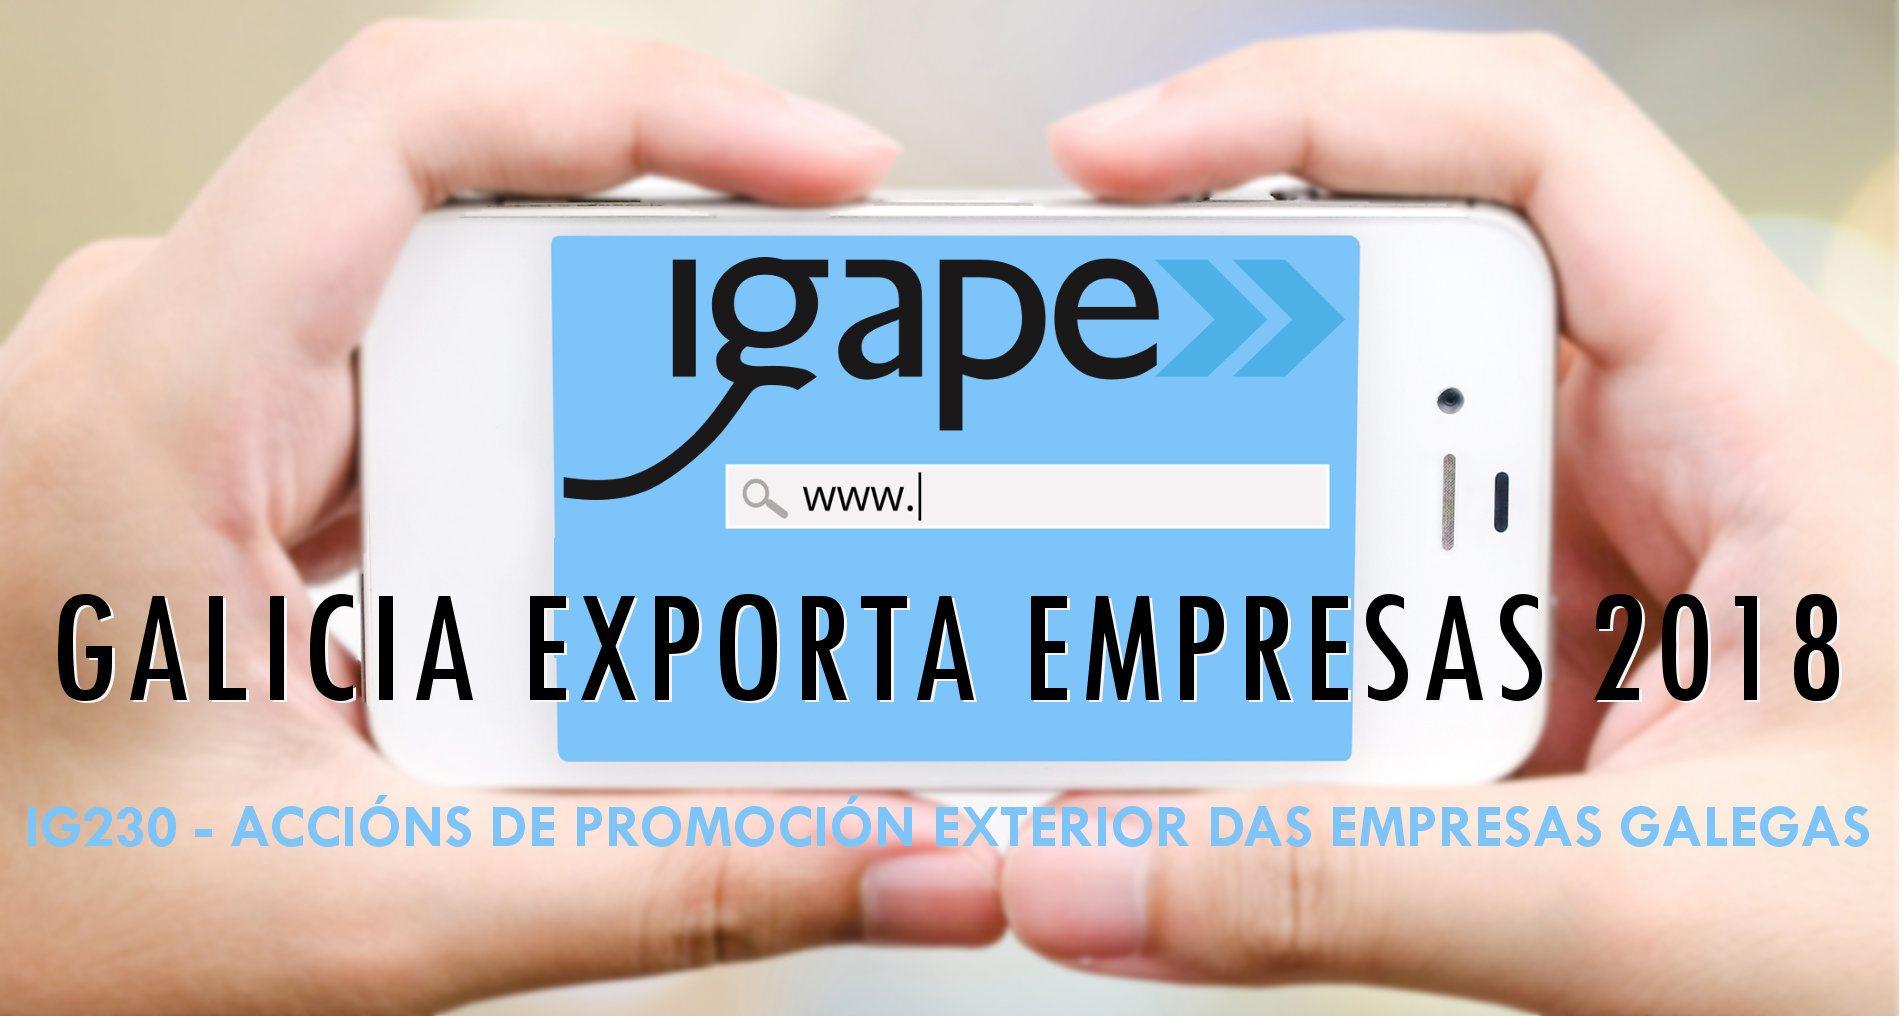 Ayudas a acciones de promoción exterior de las empresas gallegas